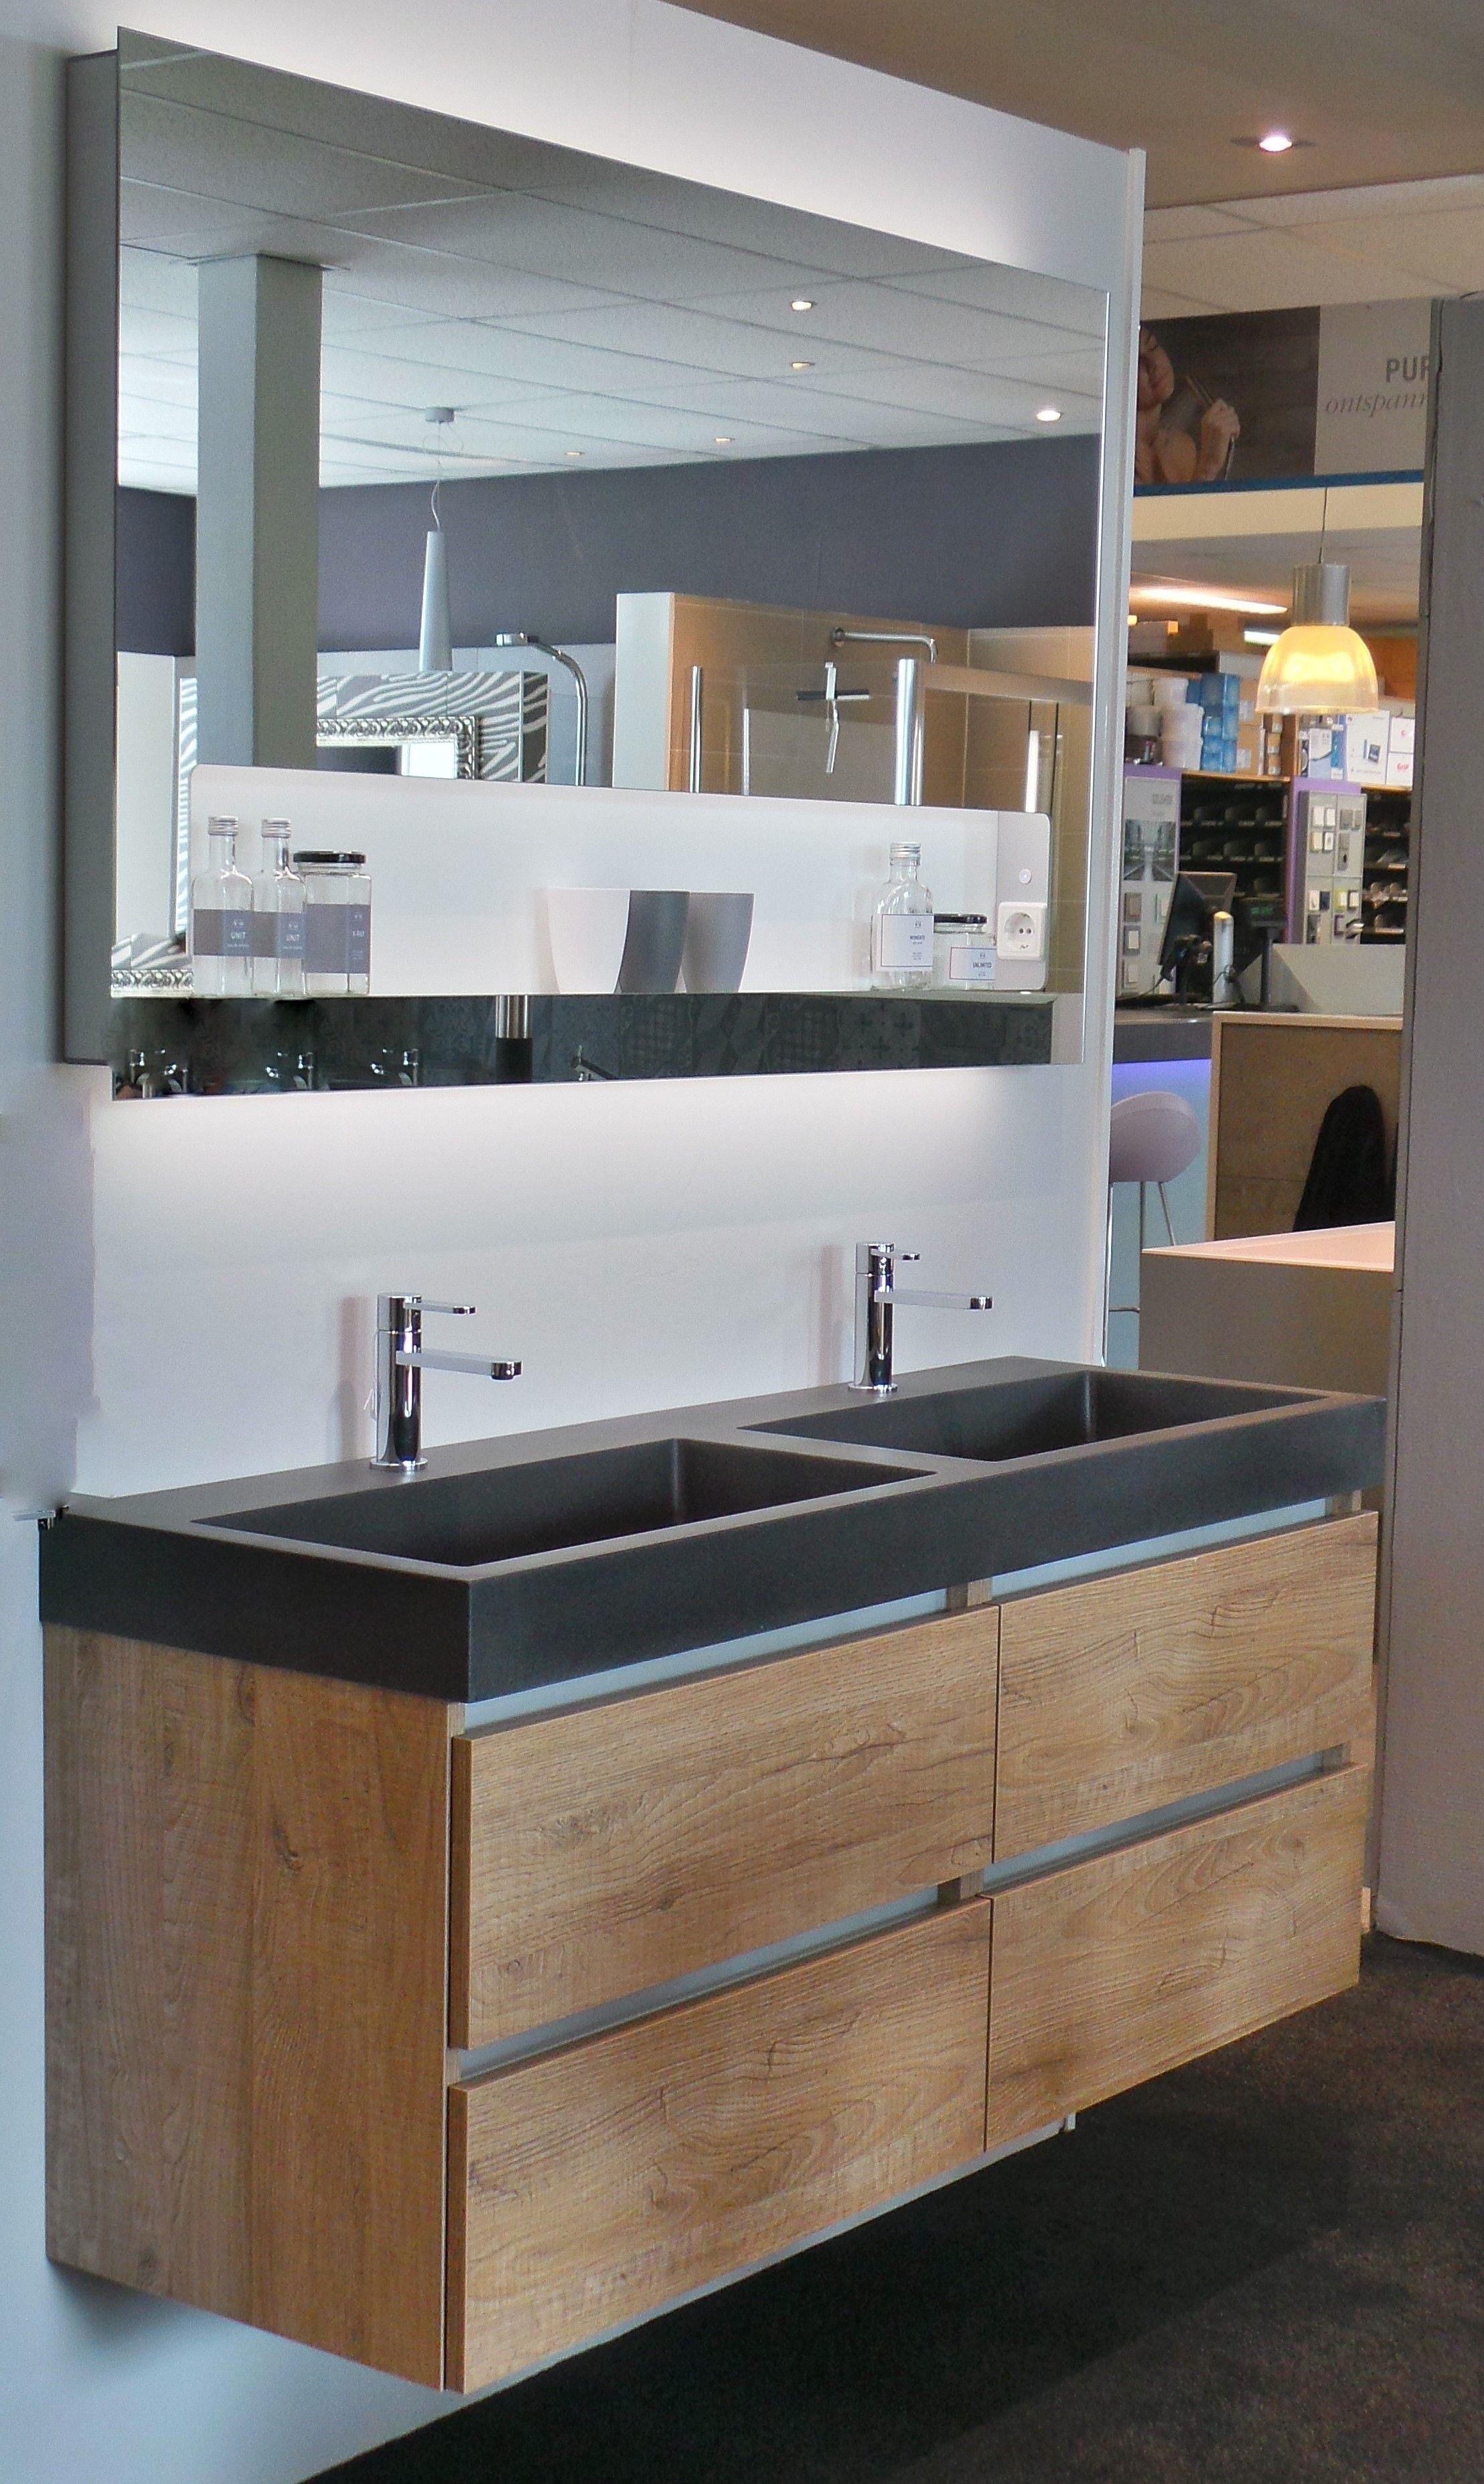 Dit robuuste, stoere badkamer meubel, Momento, is verkrijgbaar in 6 ...